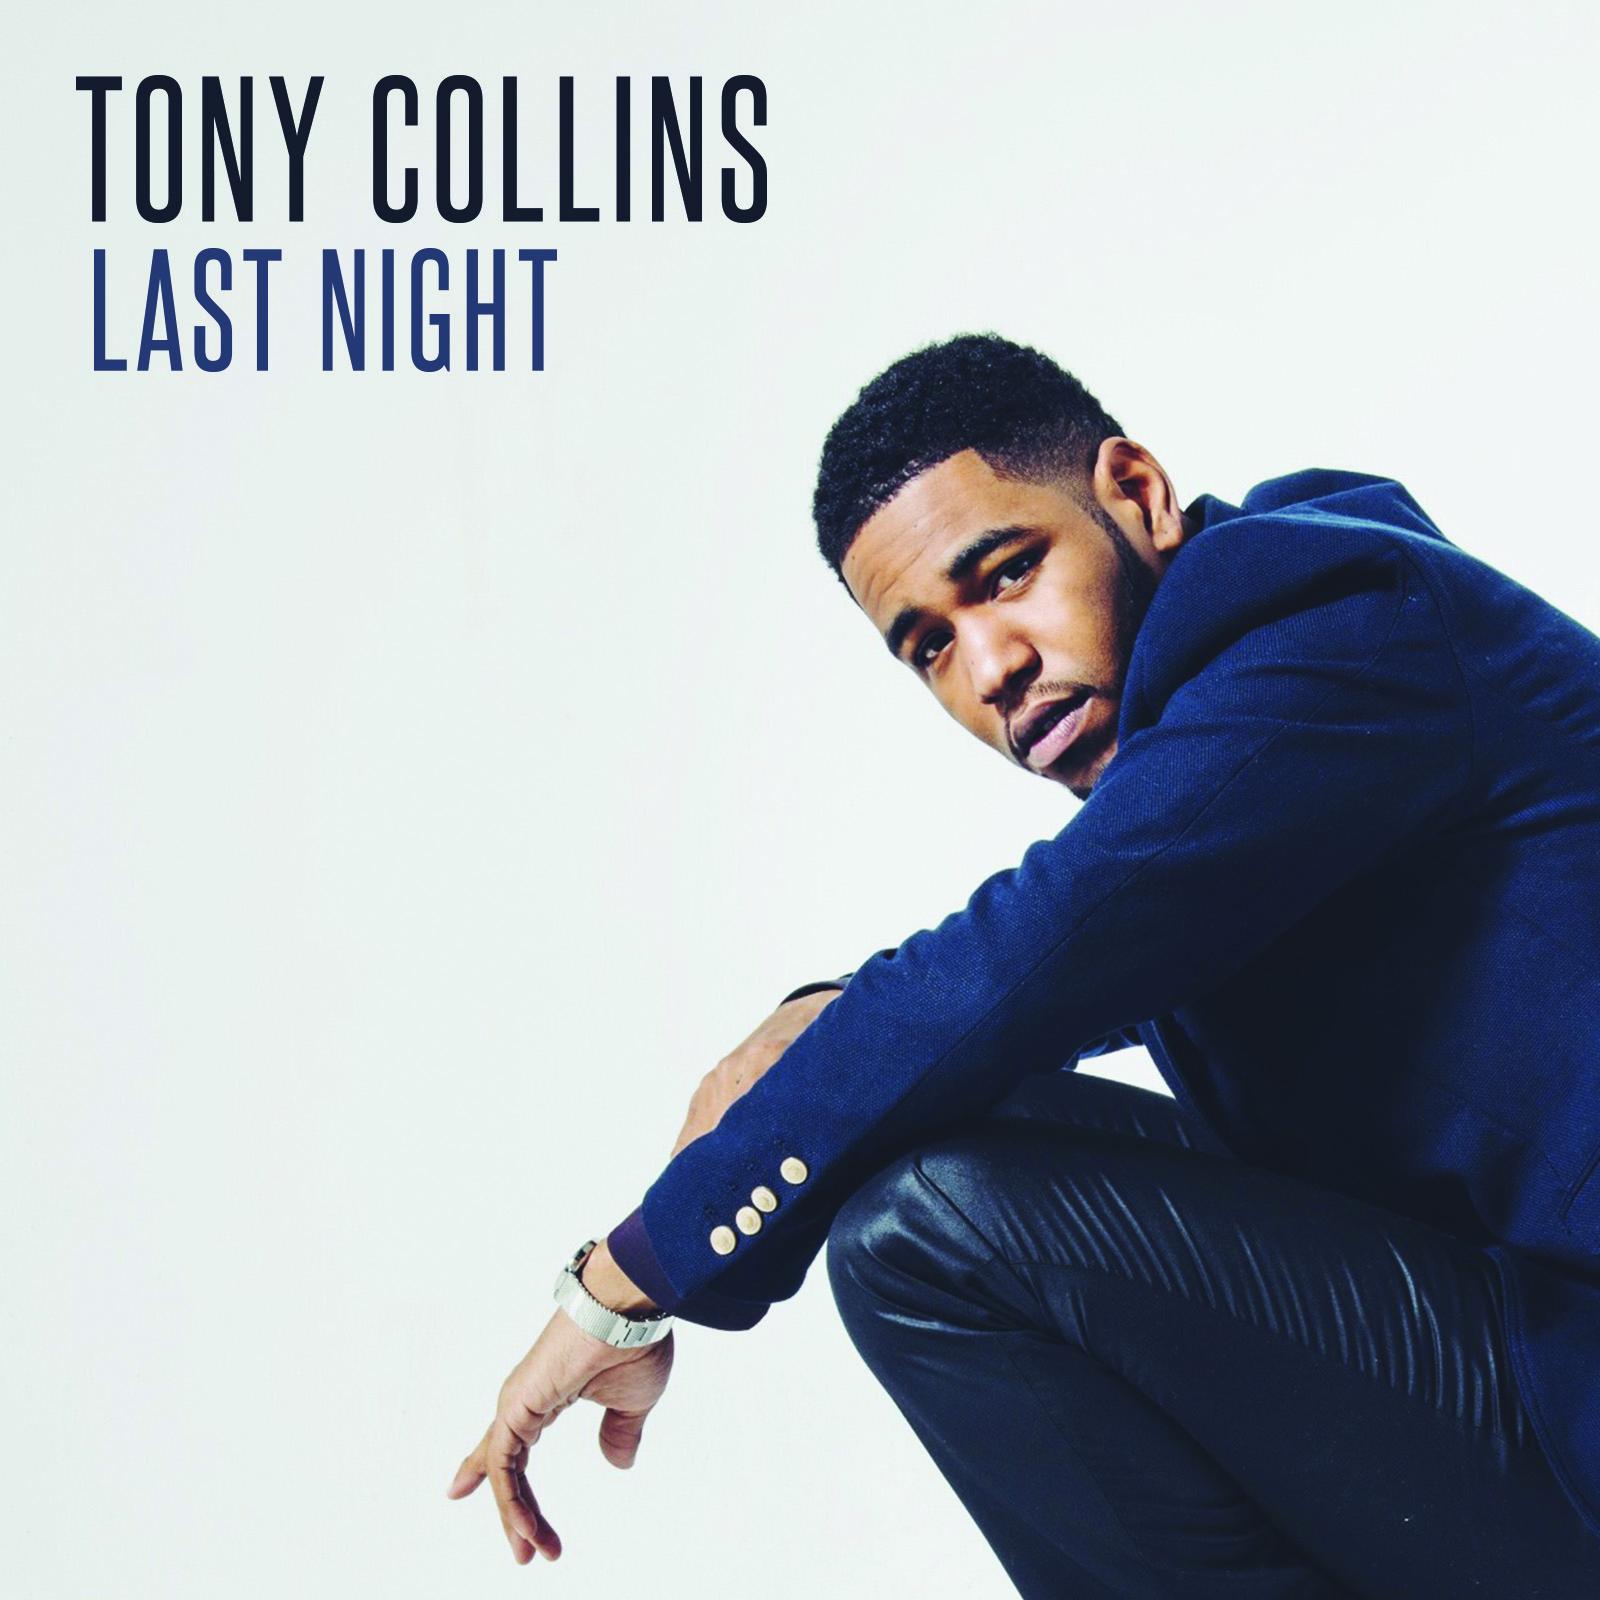 Tony Collins - Last Night (Album Stream)